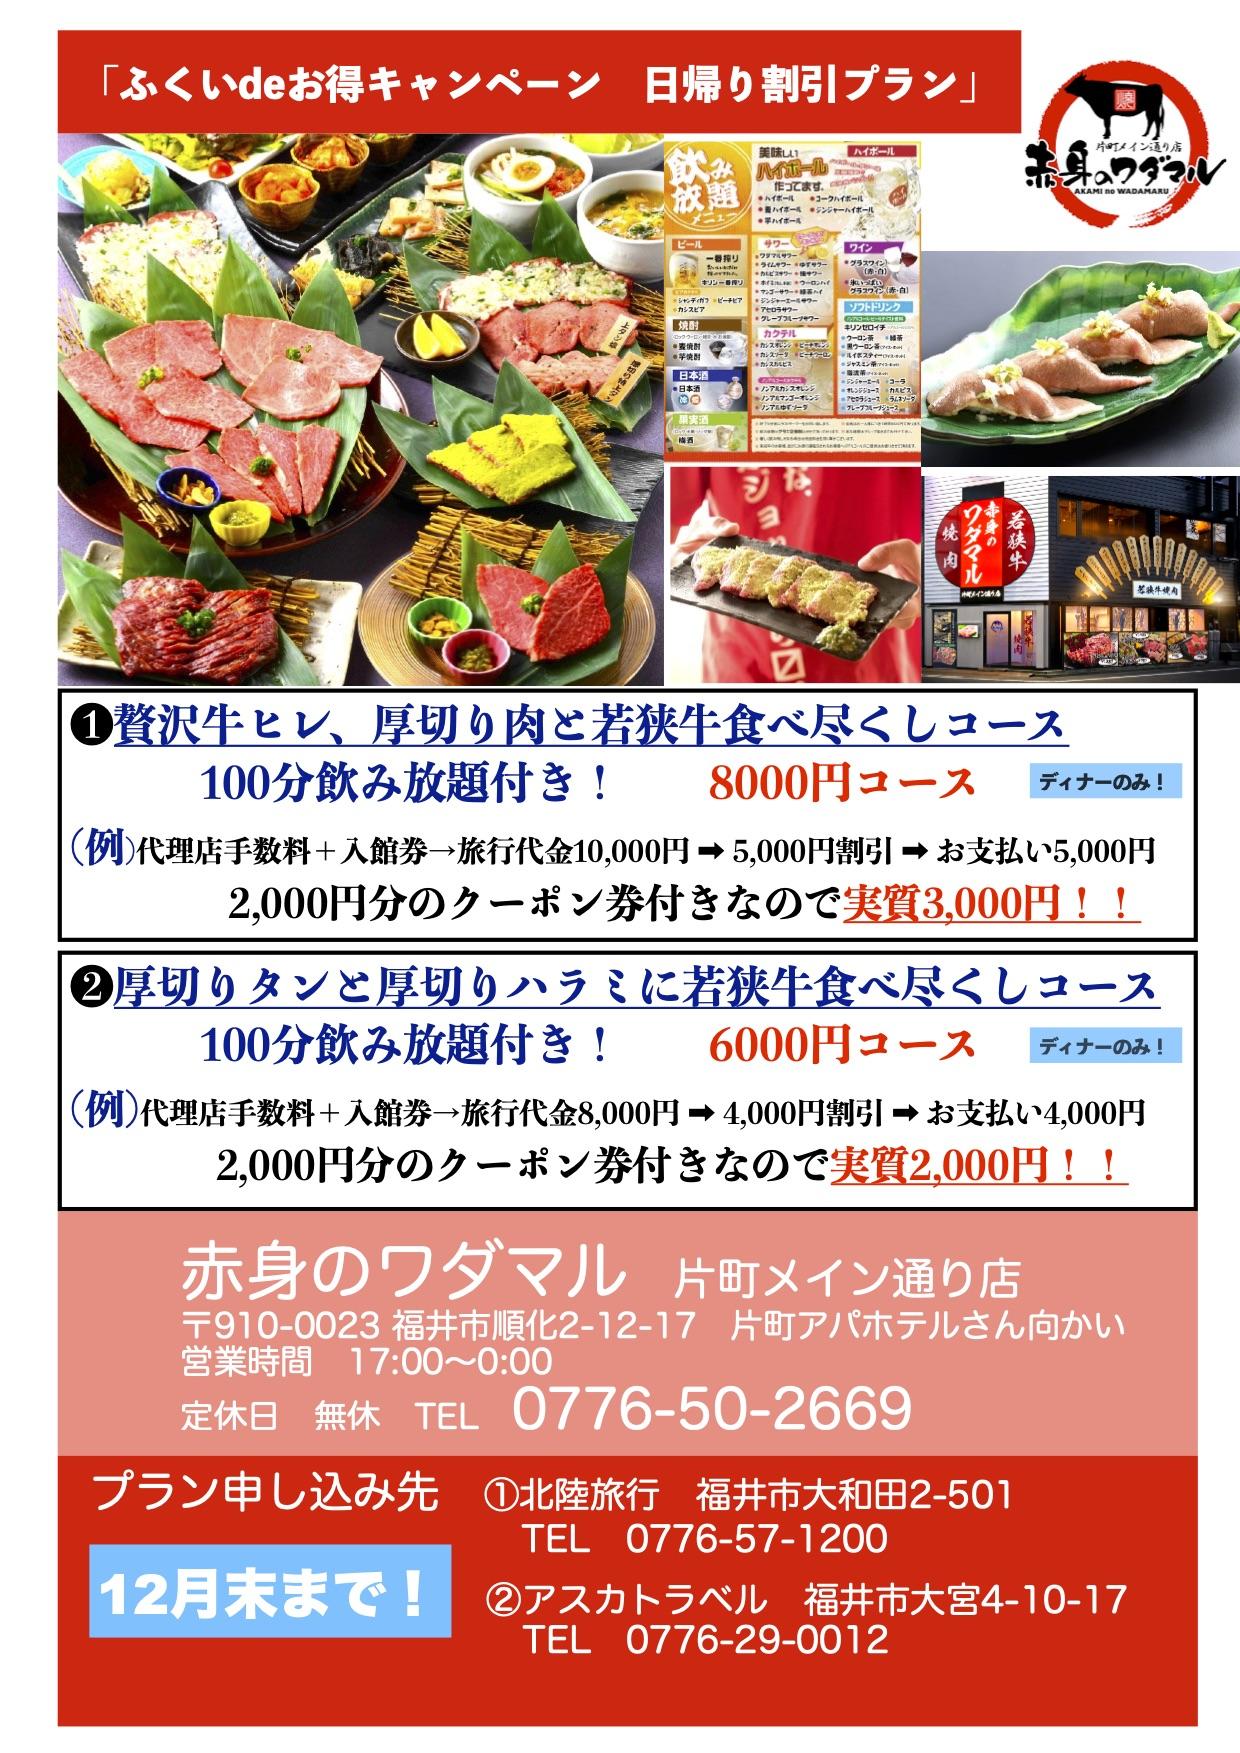 akaminowadamaru_20211015